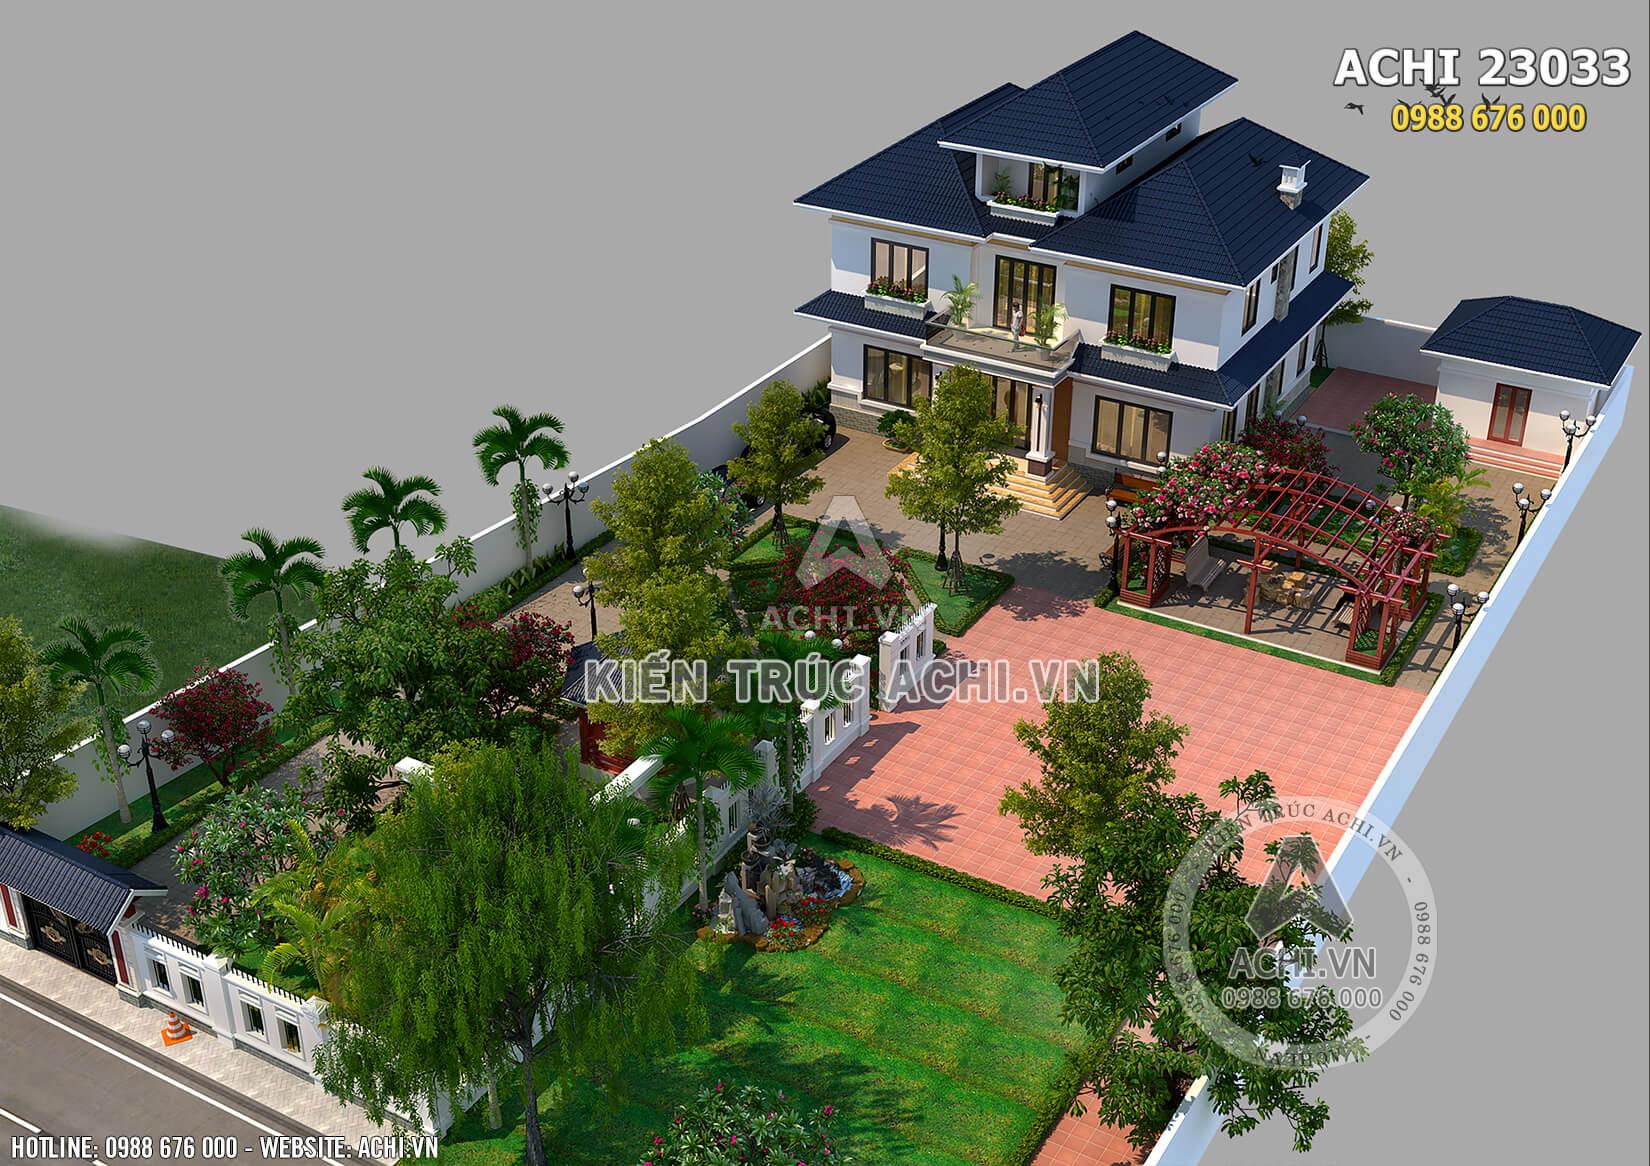 Không gian sân vườn làm điểm nhấn cho kiến trúc mẫu biệt thự nhà vườn mái Thái ở Hà Nội thêm ấn tượng